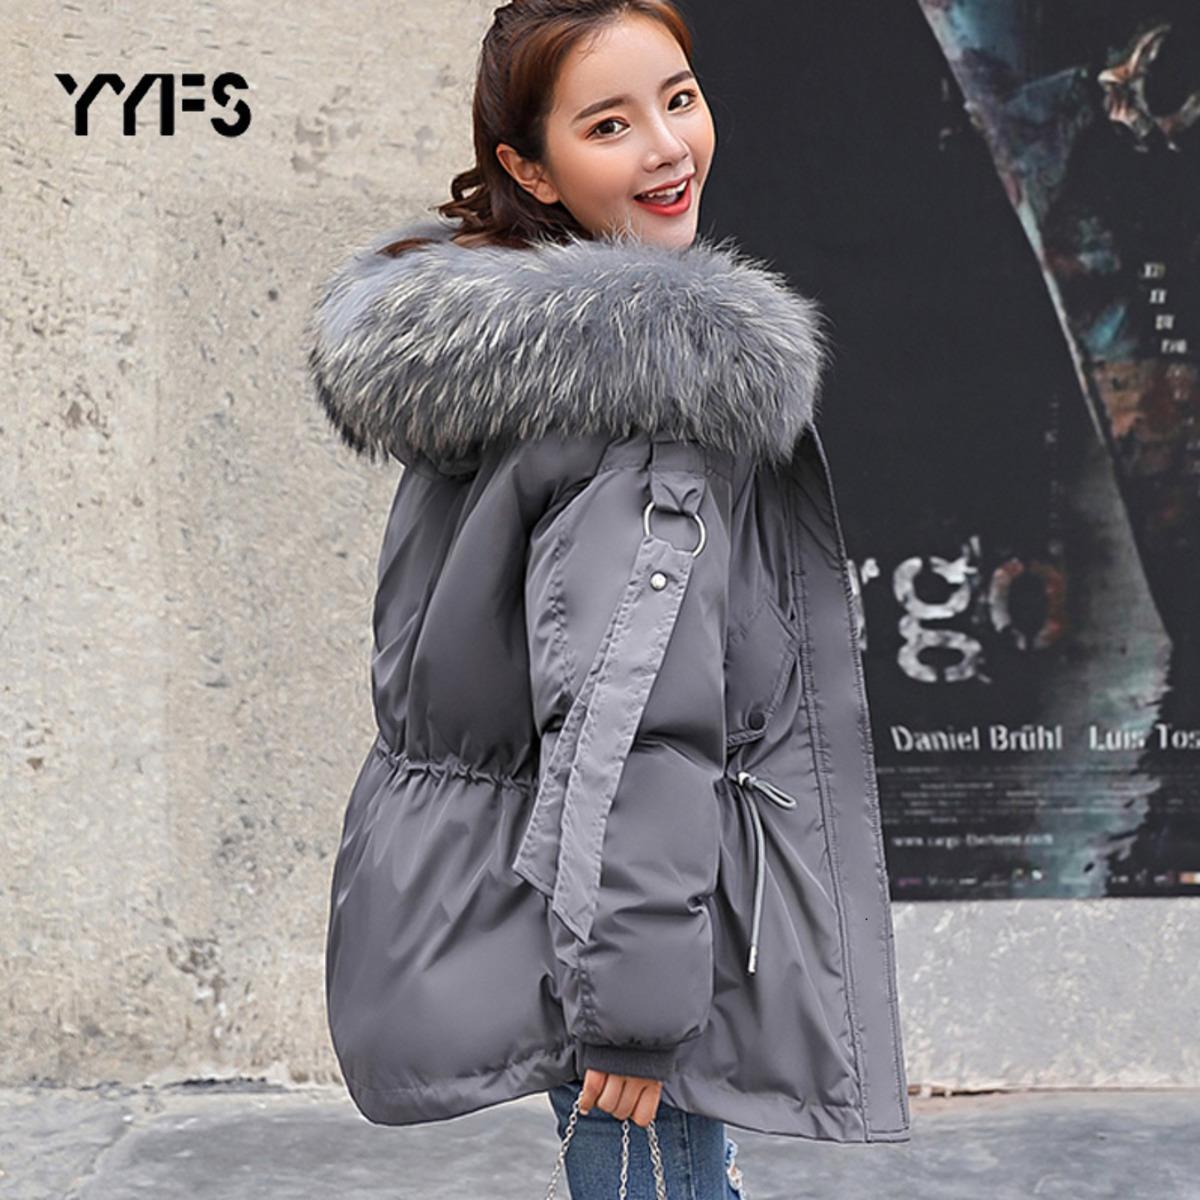 Mulheres inverno jaqueta quente pele quente parkas casaco de inverno fêmea solta parka grande colar de pele destacável algodão acolchoado jaquetas 20116